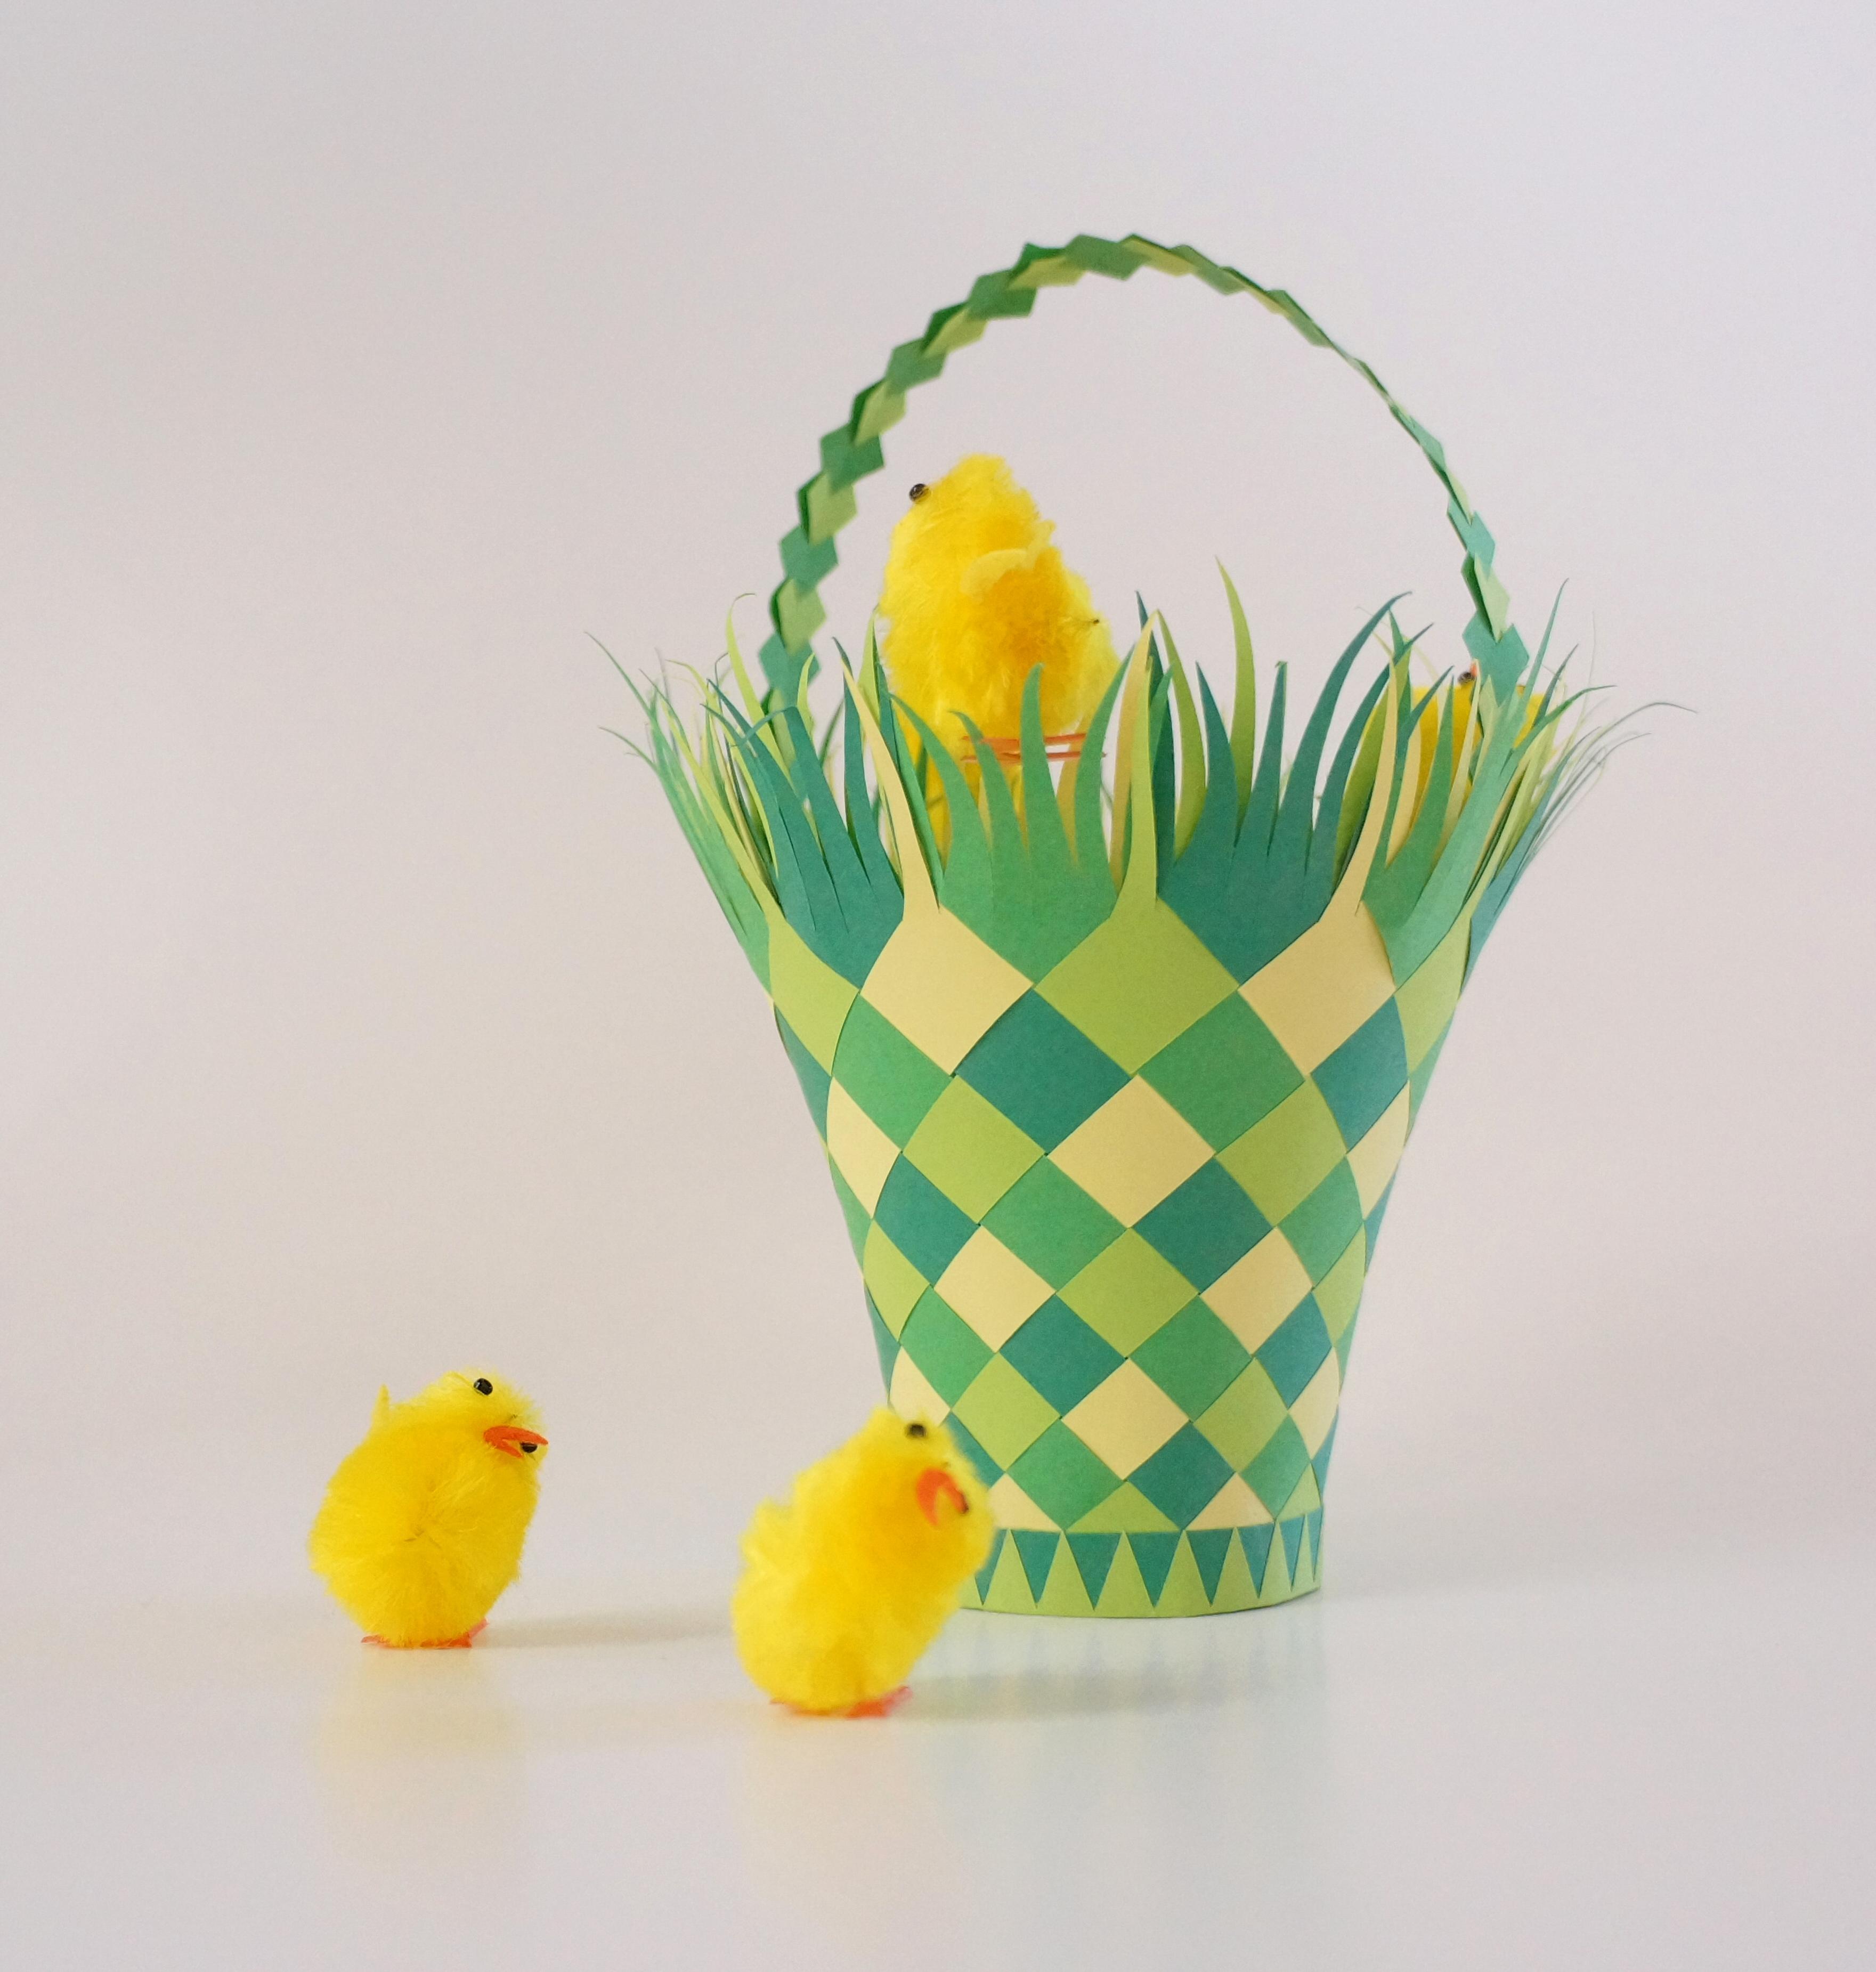 Поделка пасхальное яйцо своими руками - дельные советы в работе, подборка мастер-классов из разных материалов, фото идеи